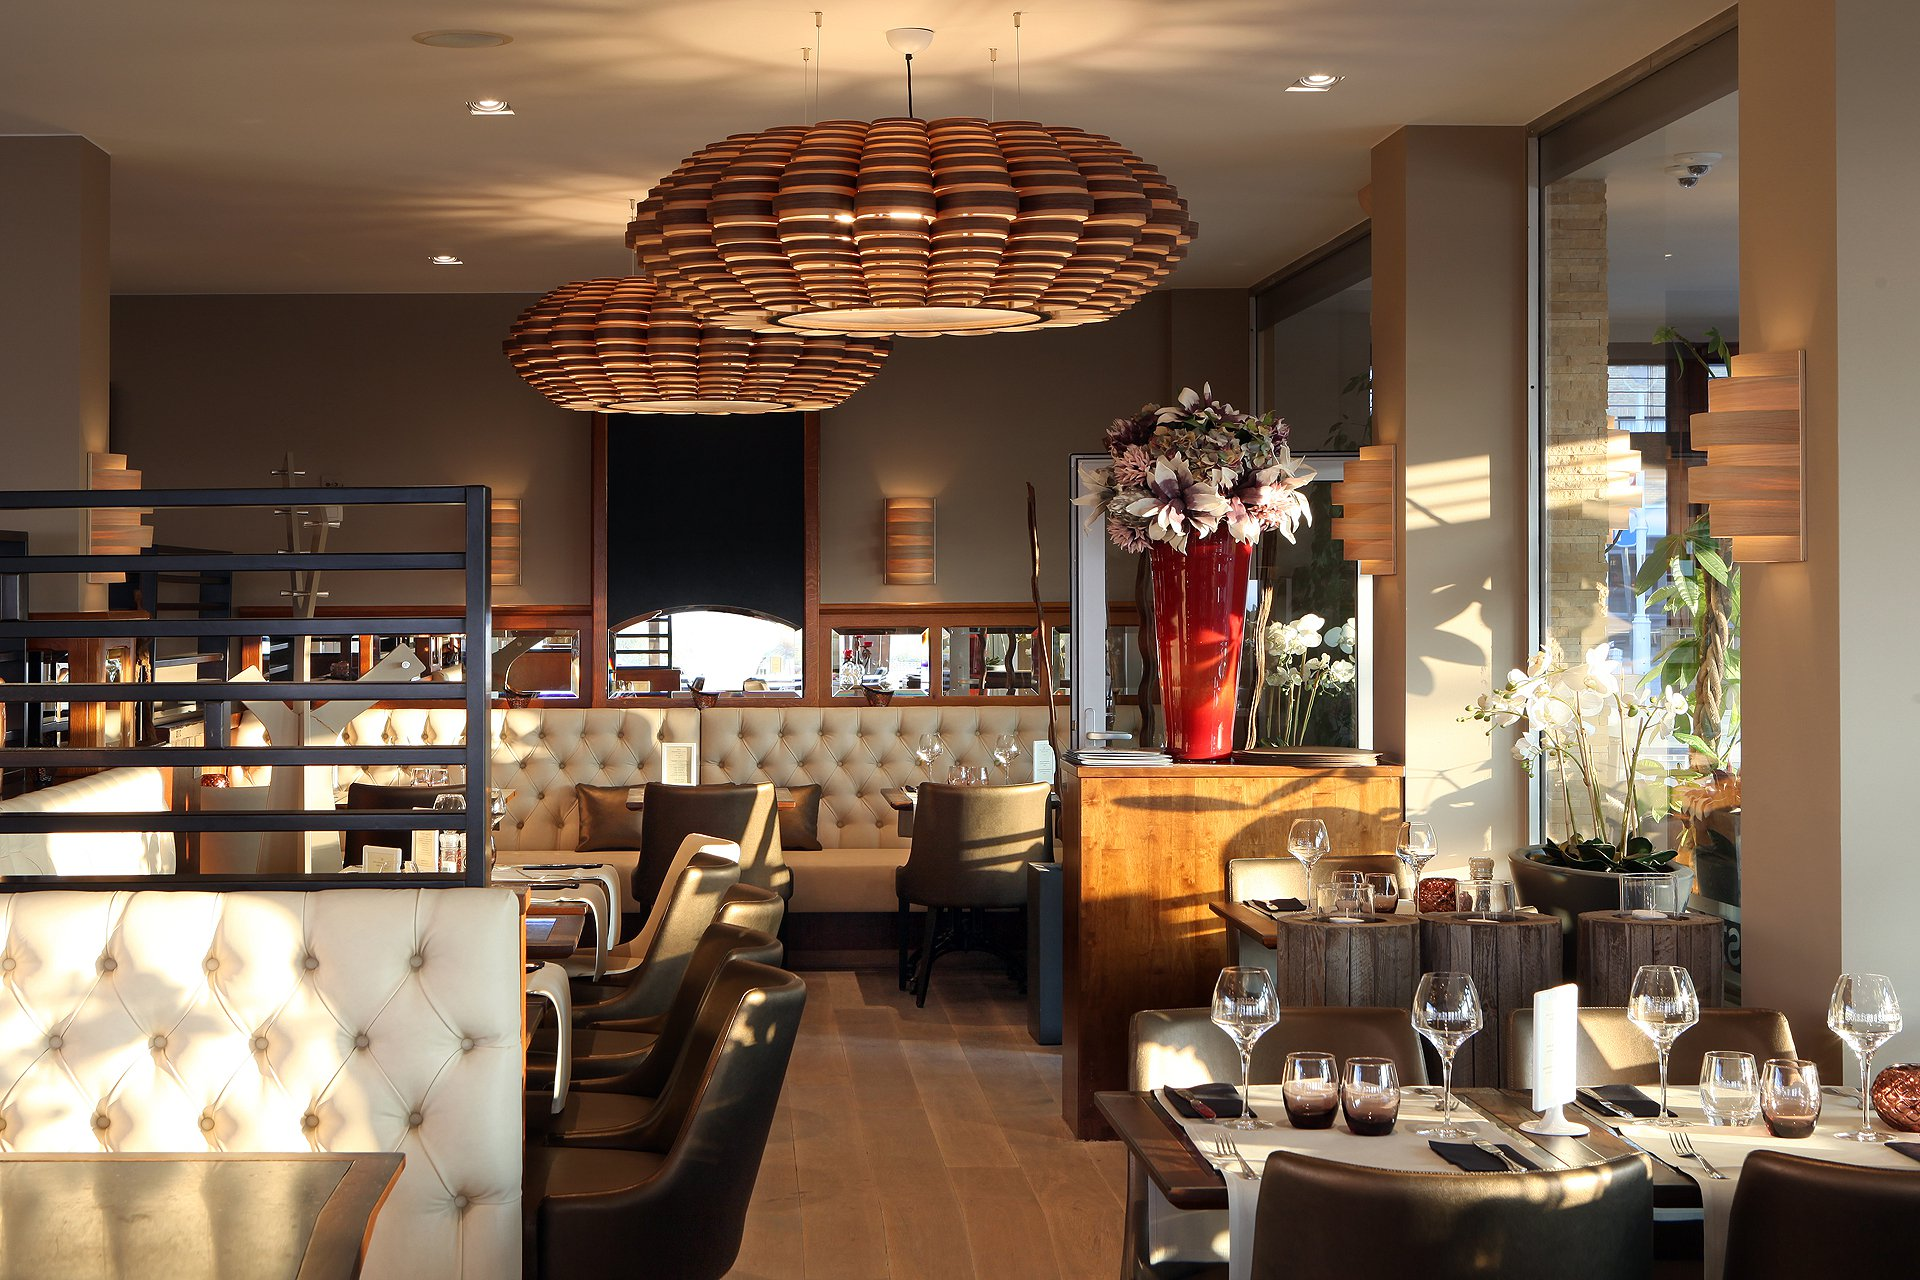 De beste restaurants in Nieuwpoort : Top 10 en promoties - Resto.be